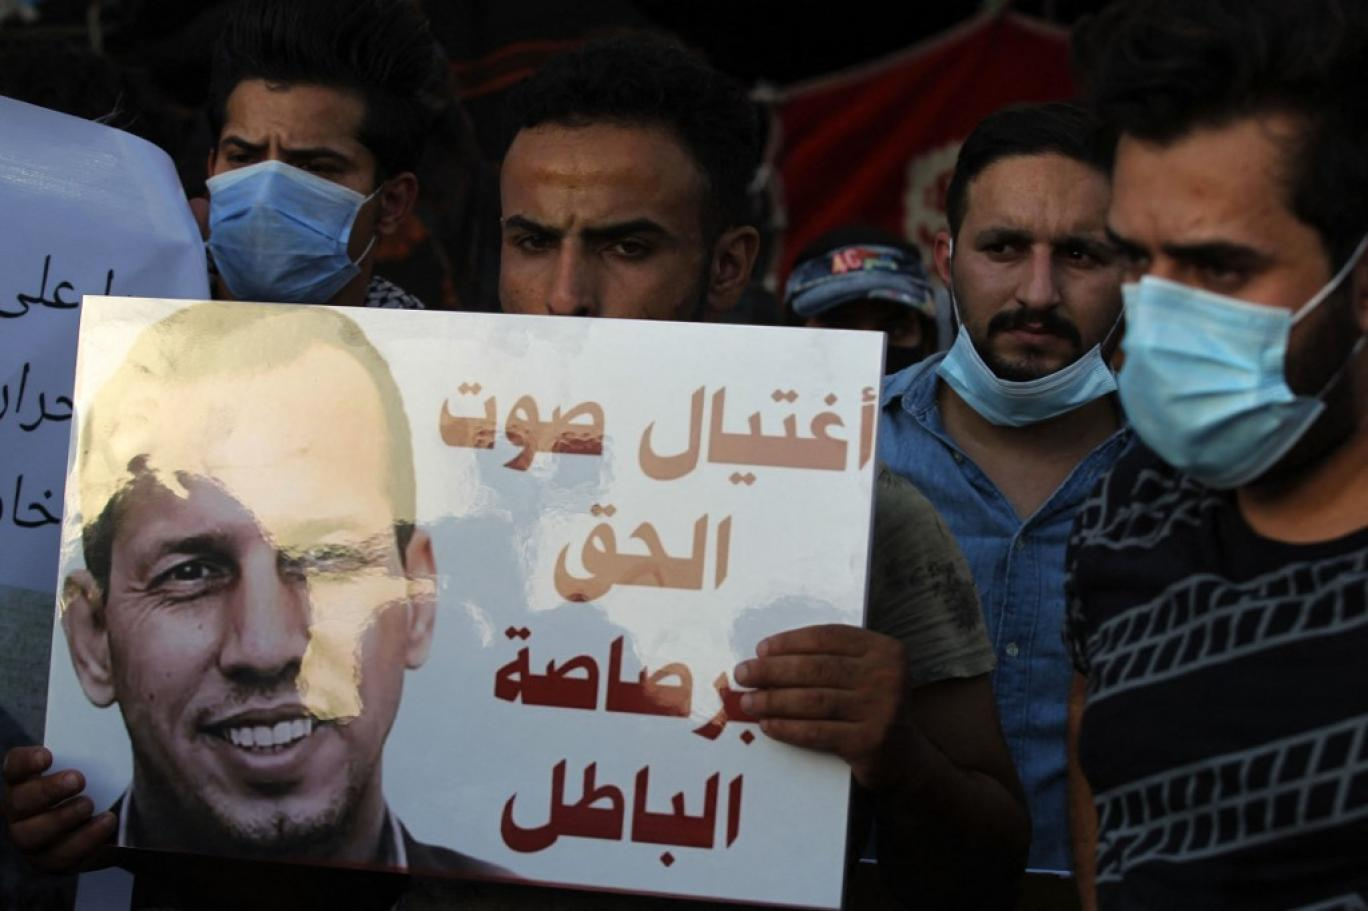 محتجون عراقيون في بغداد في اليوم التالي على اغتيال هشام الهاشمي (أ ف ب).jpg